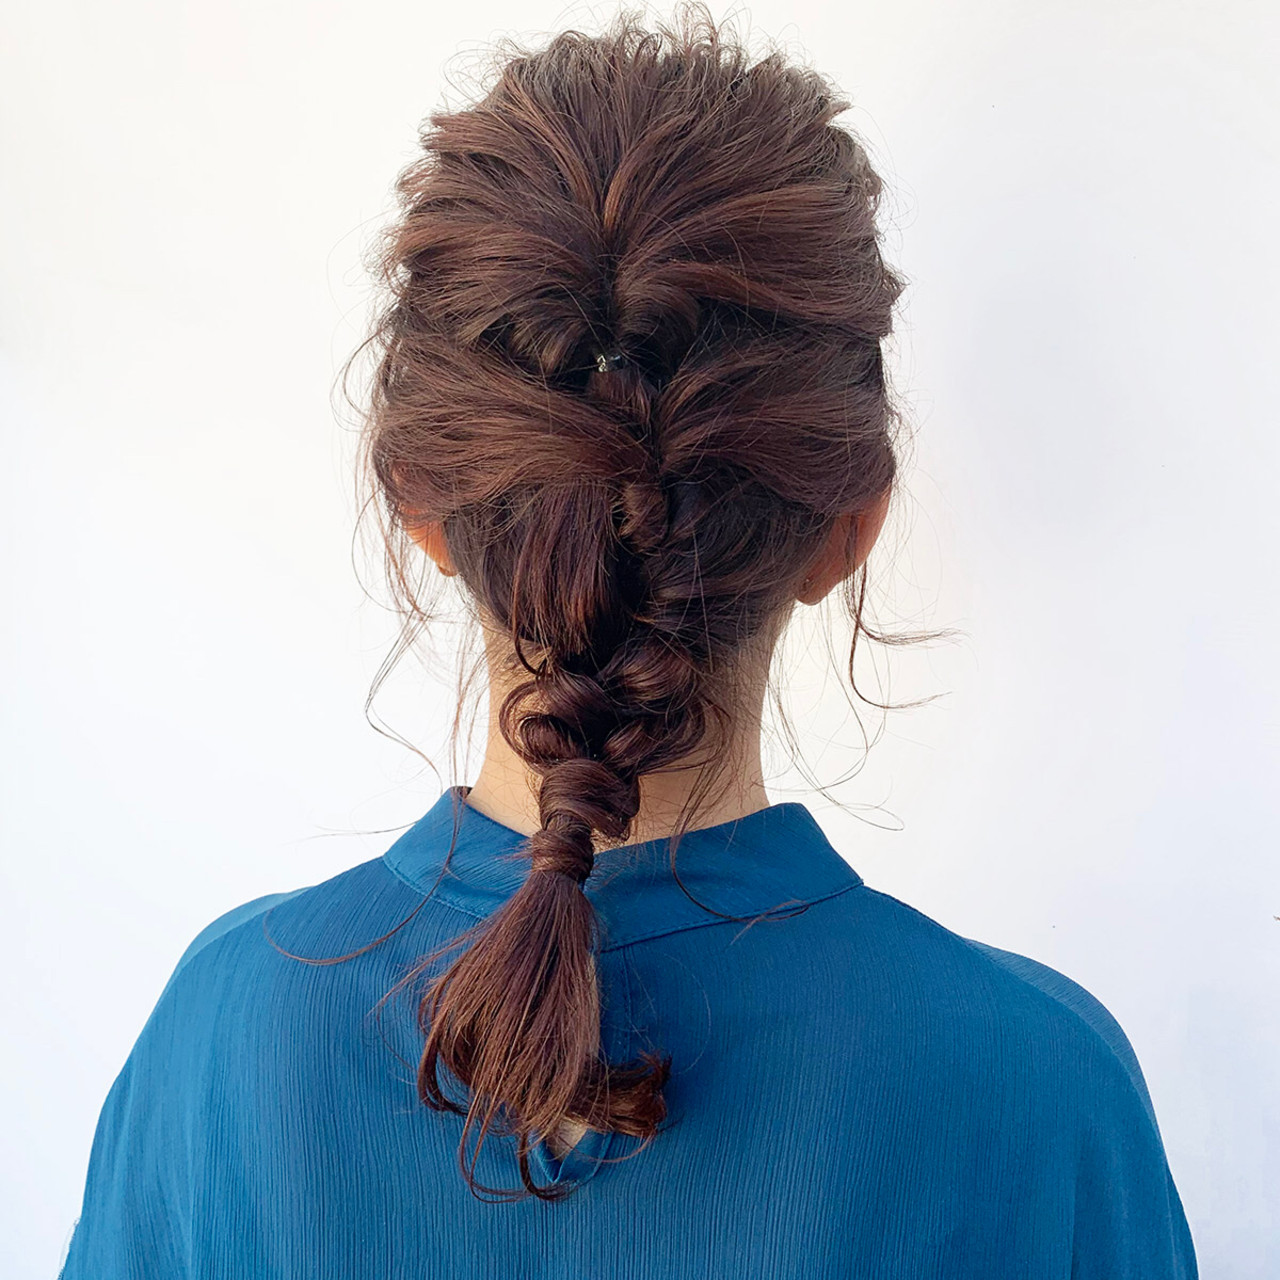 デート 簡単ヘアアレンジ ヘアアレンジ セミロング ヘアスタイルや髪型の写真・画像 | 中尾 寿揮 / Anna Lanna